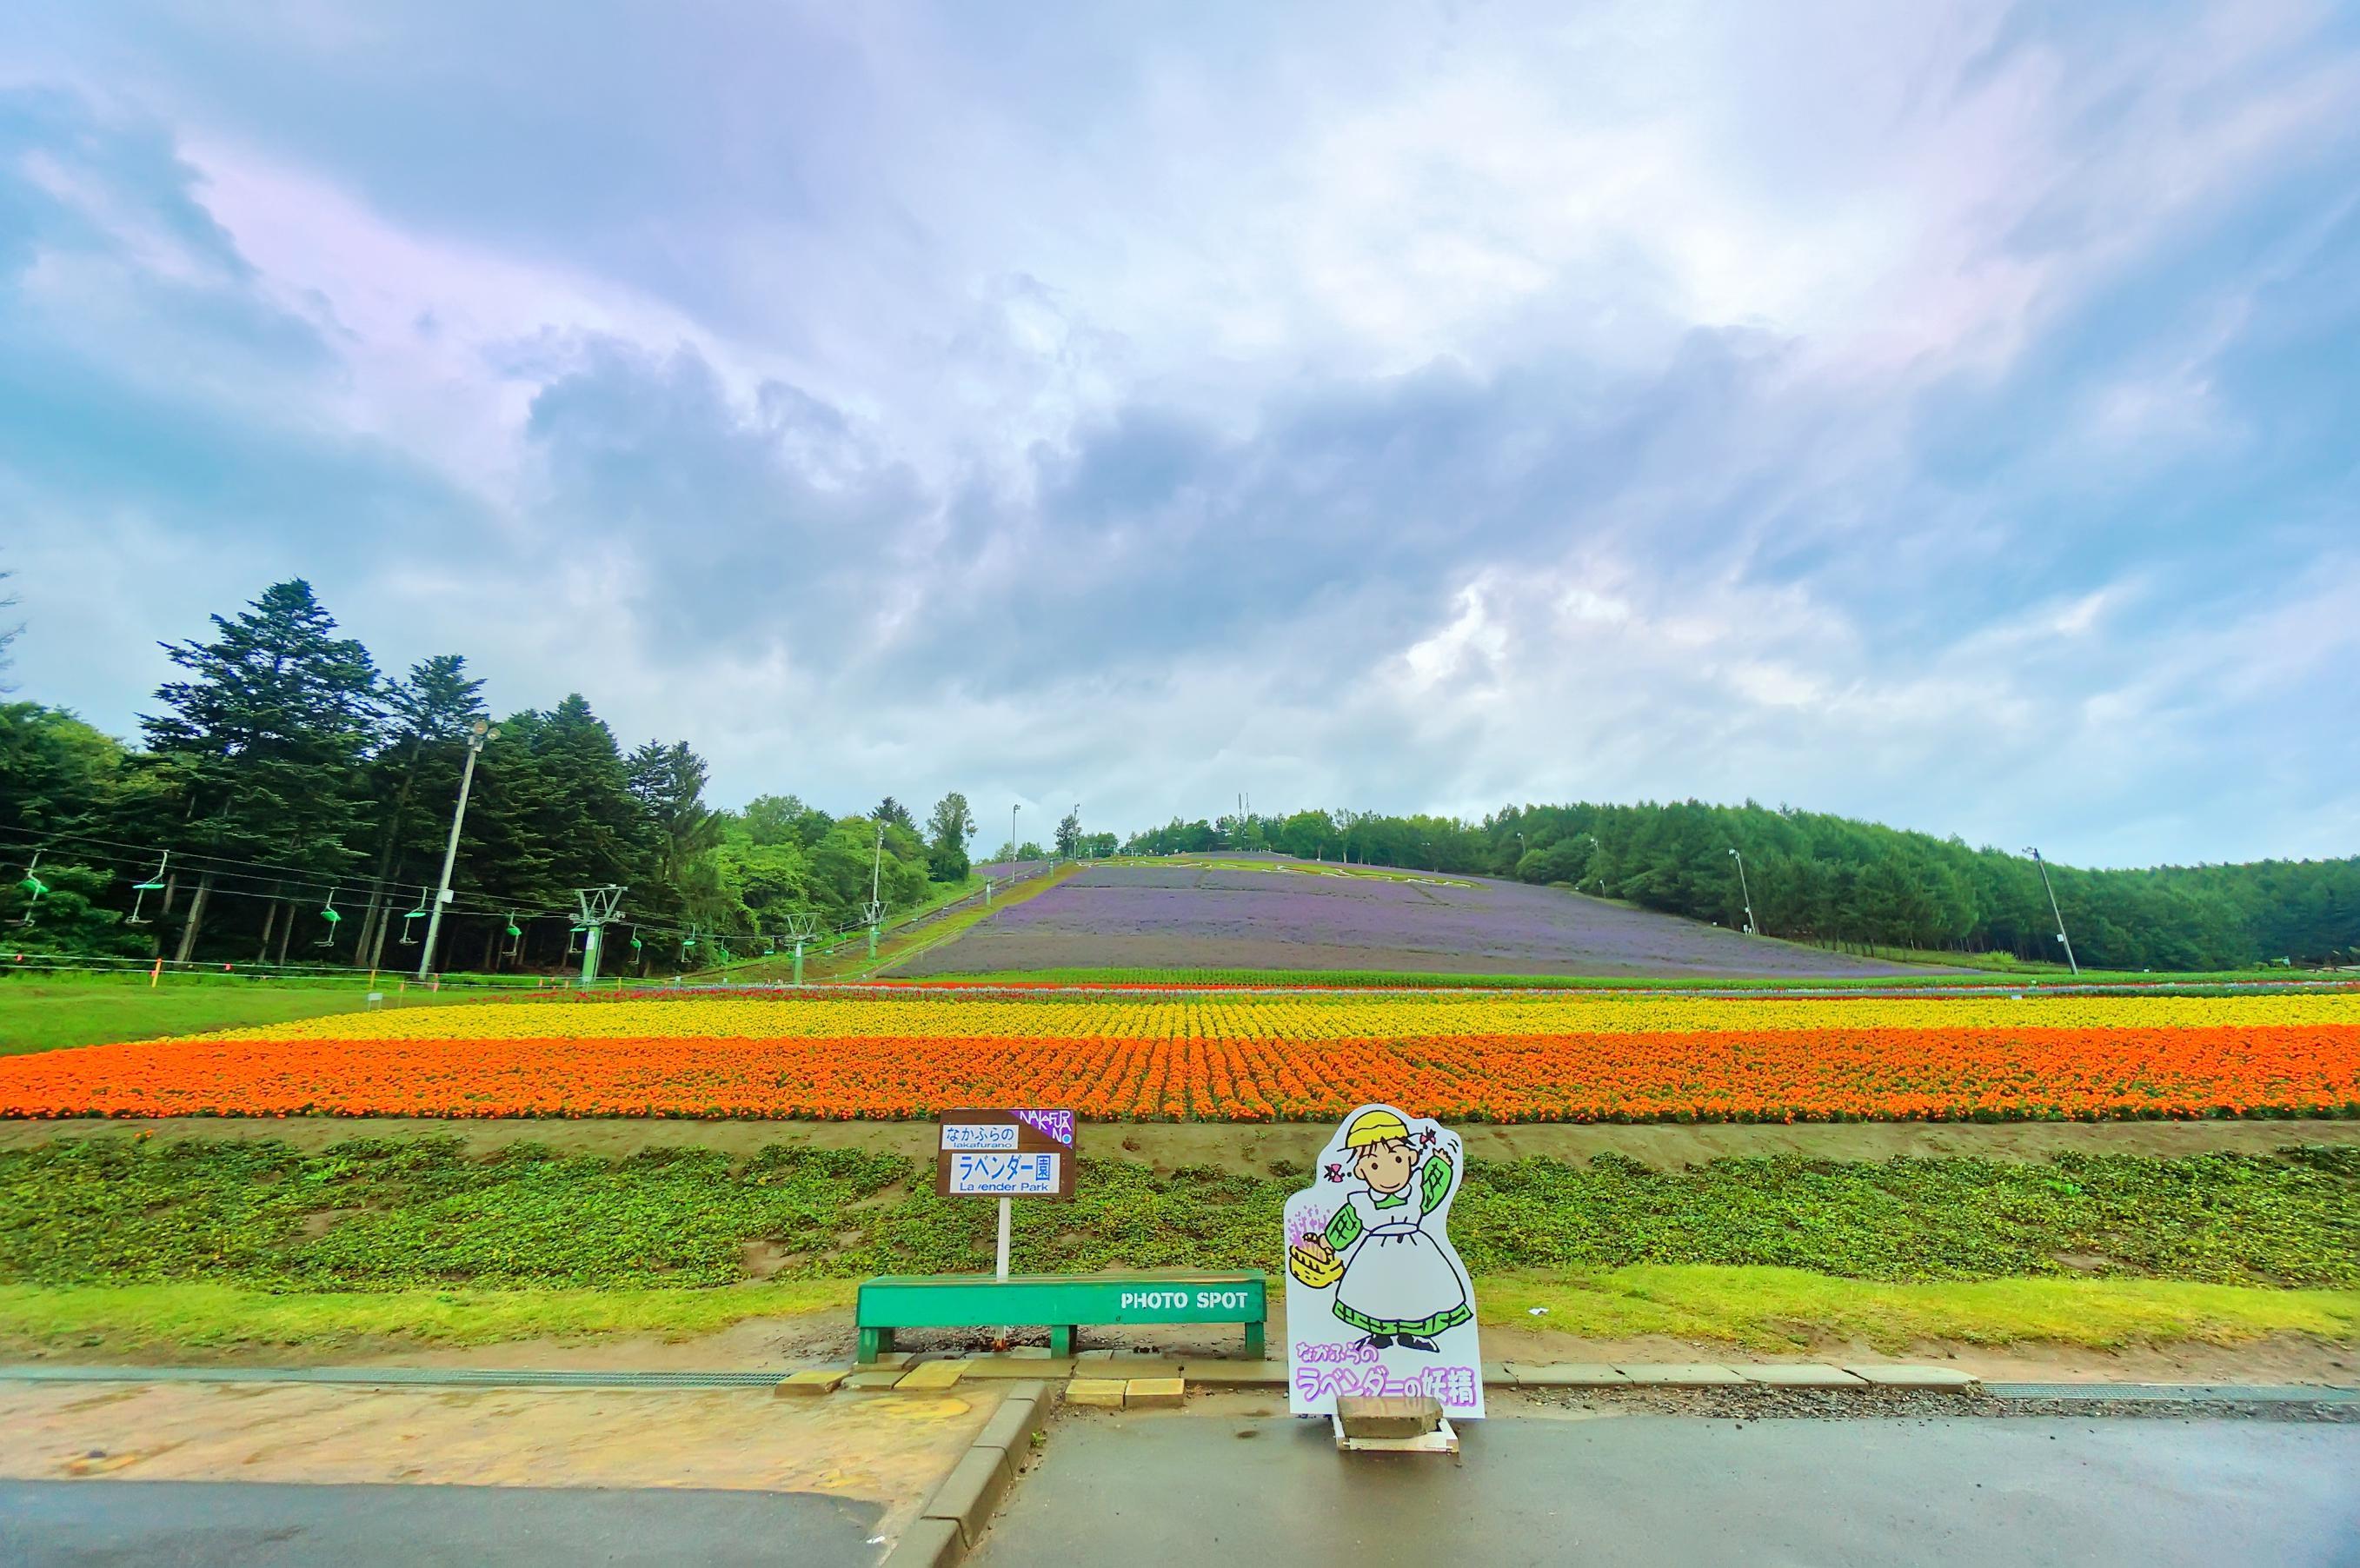 Choei Lavender Park